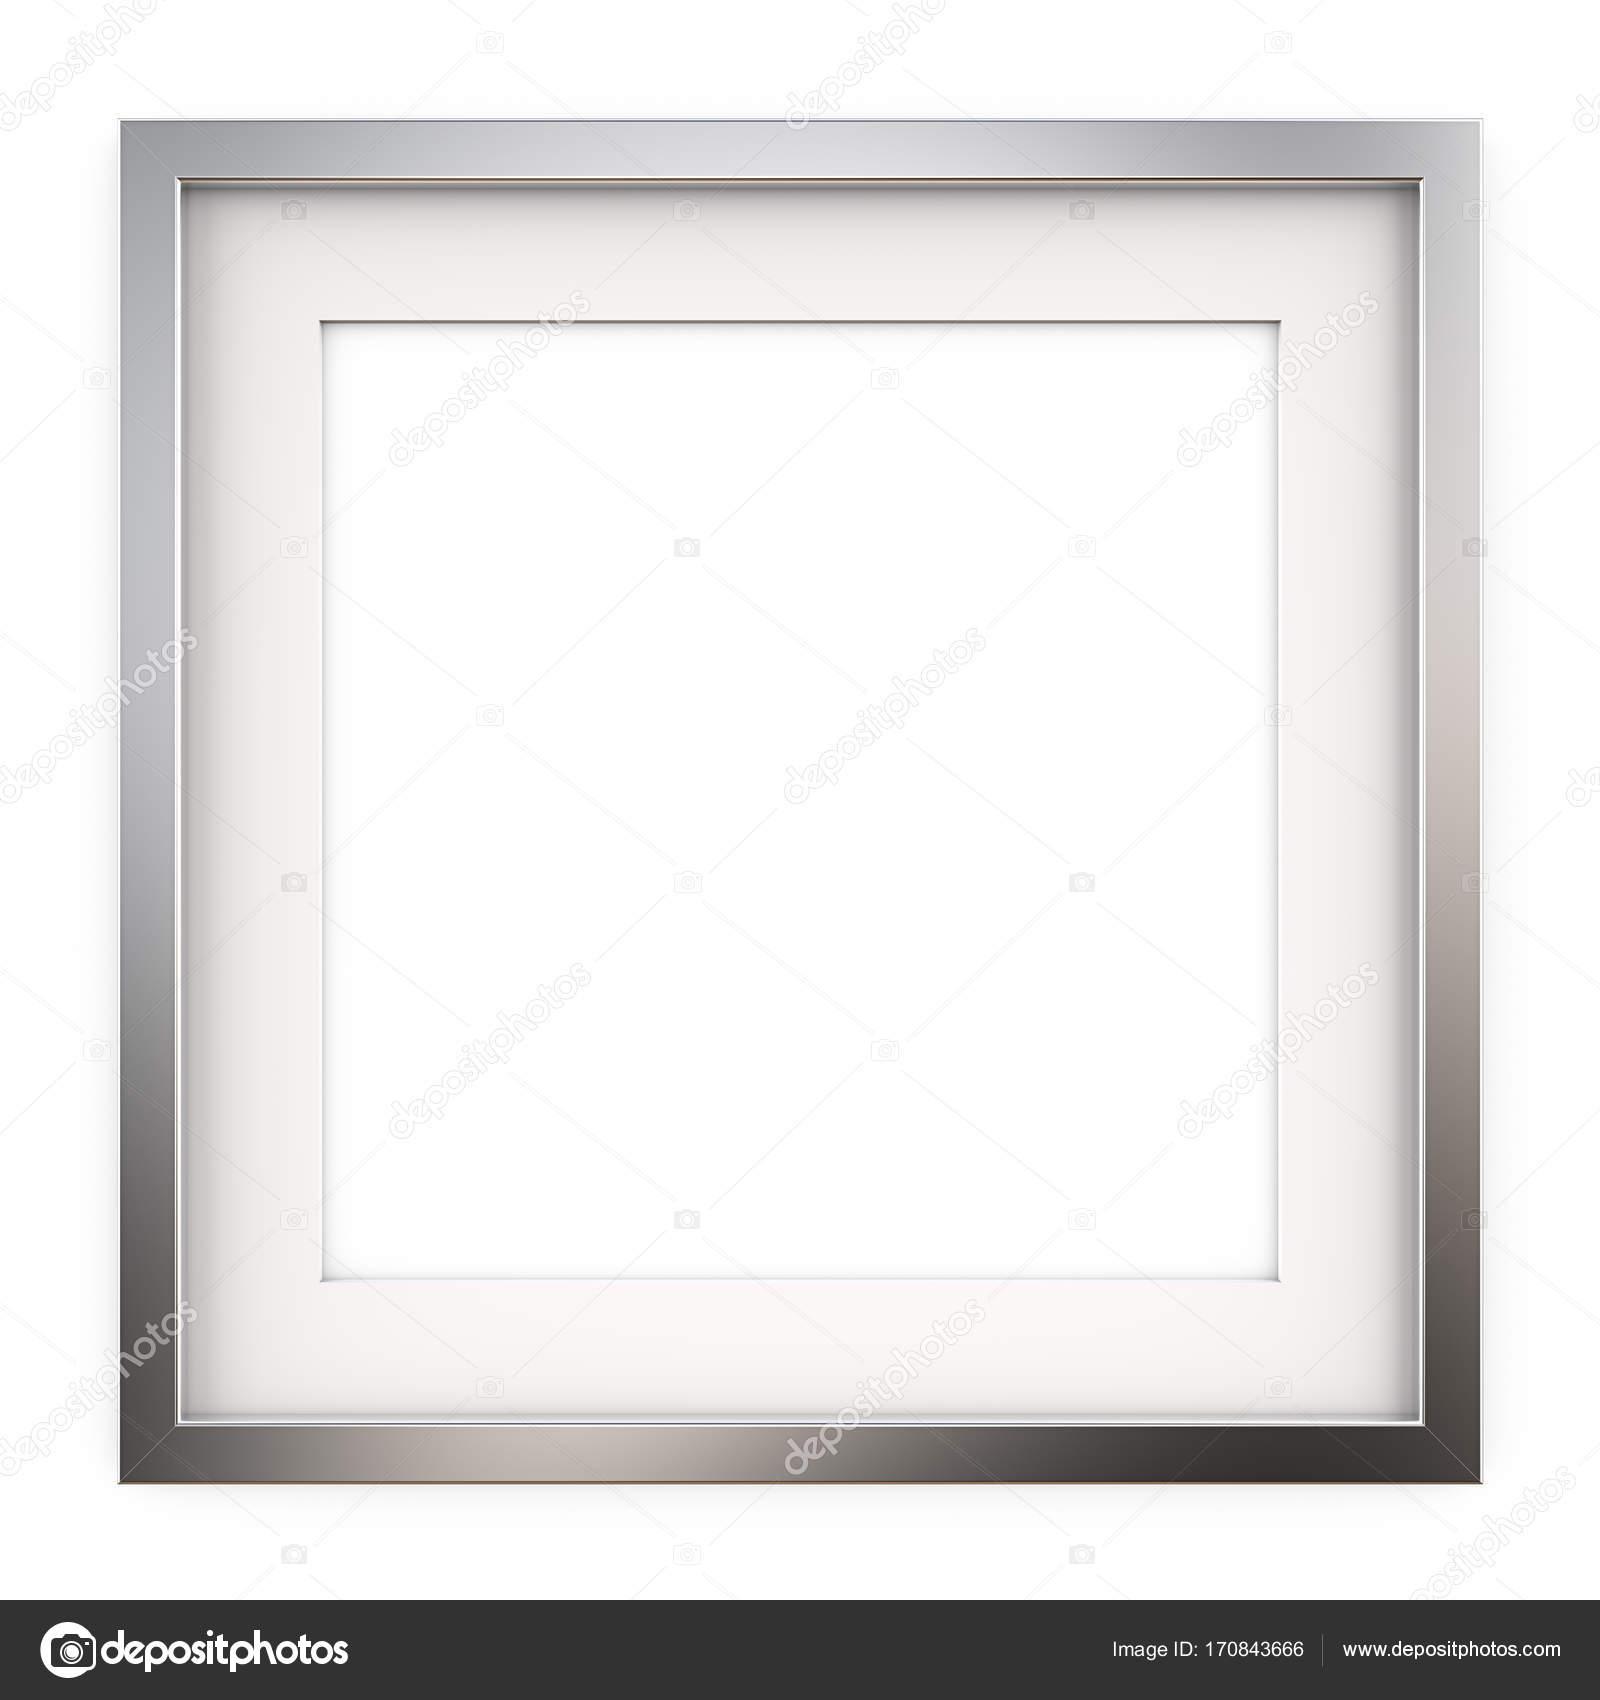 Marco cuadrado de Metal — Foto de stock © JohanH #170843666